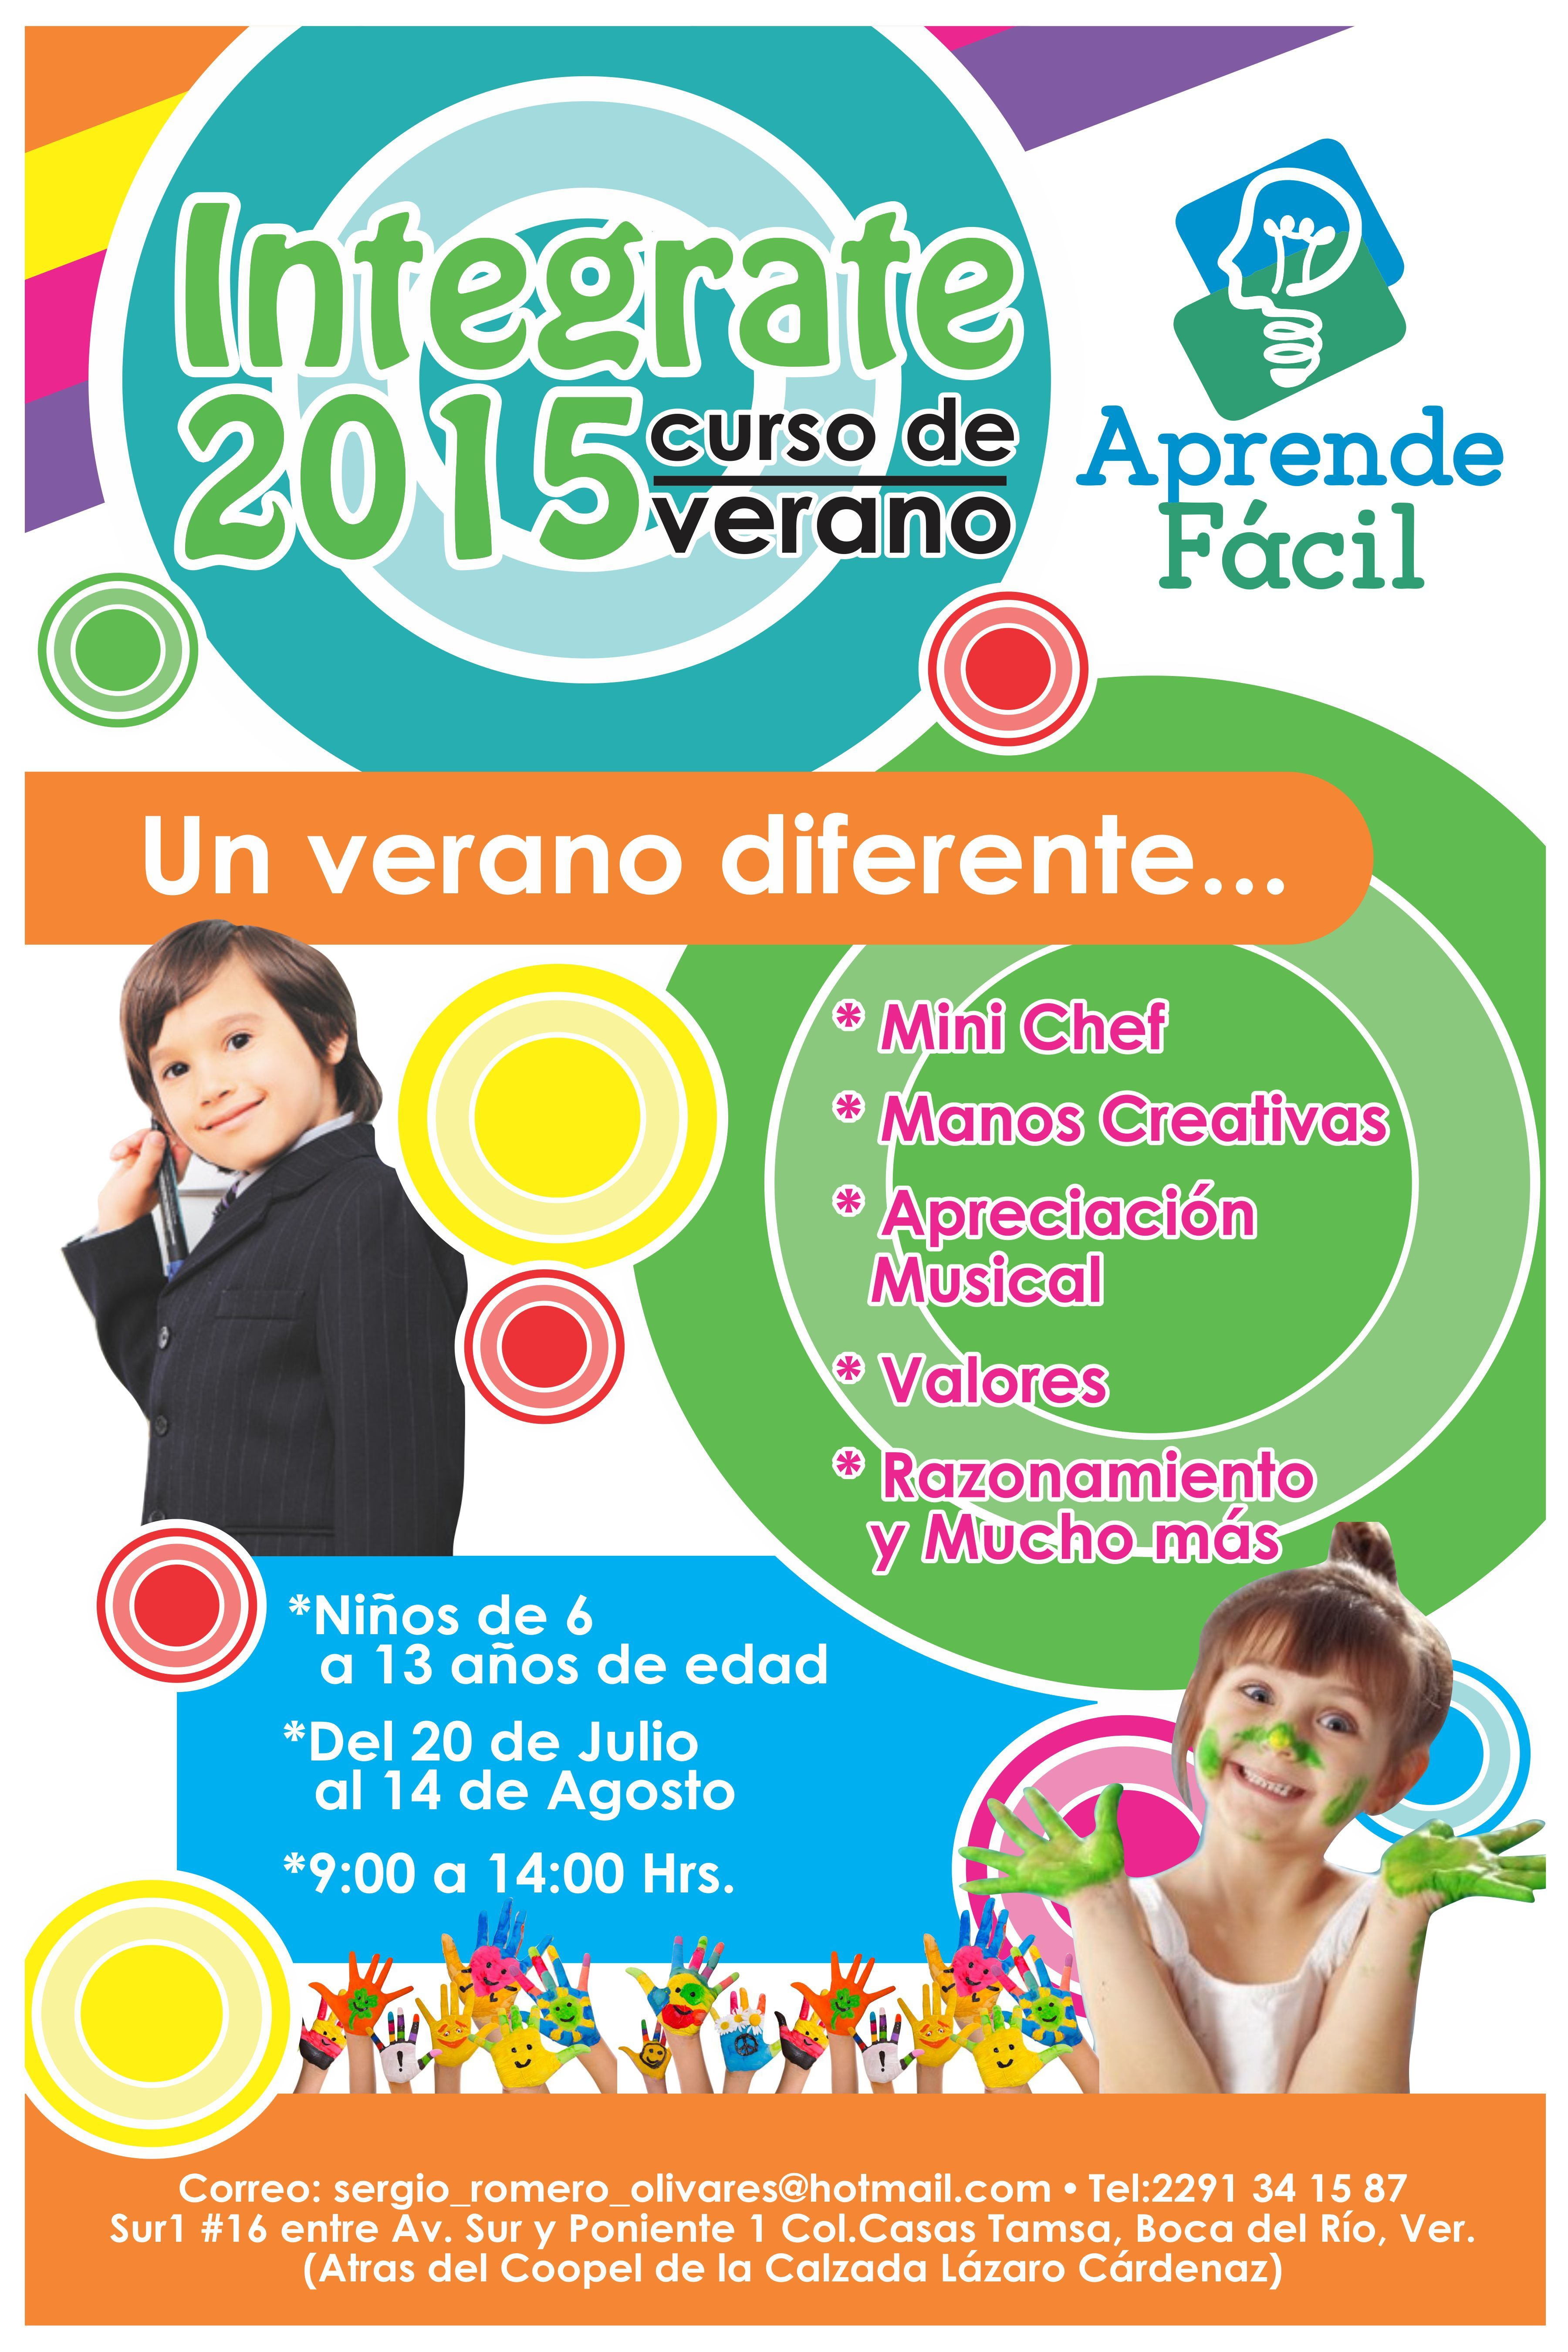 Curso De Verano Integrate 2015 Boca Del Rio Veracruz Un Verano Diferente Mini Chef Manos Creativas Ap Curso De Verano Club De Tareas Campamento De Verano